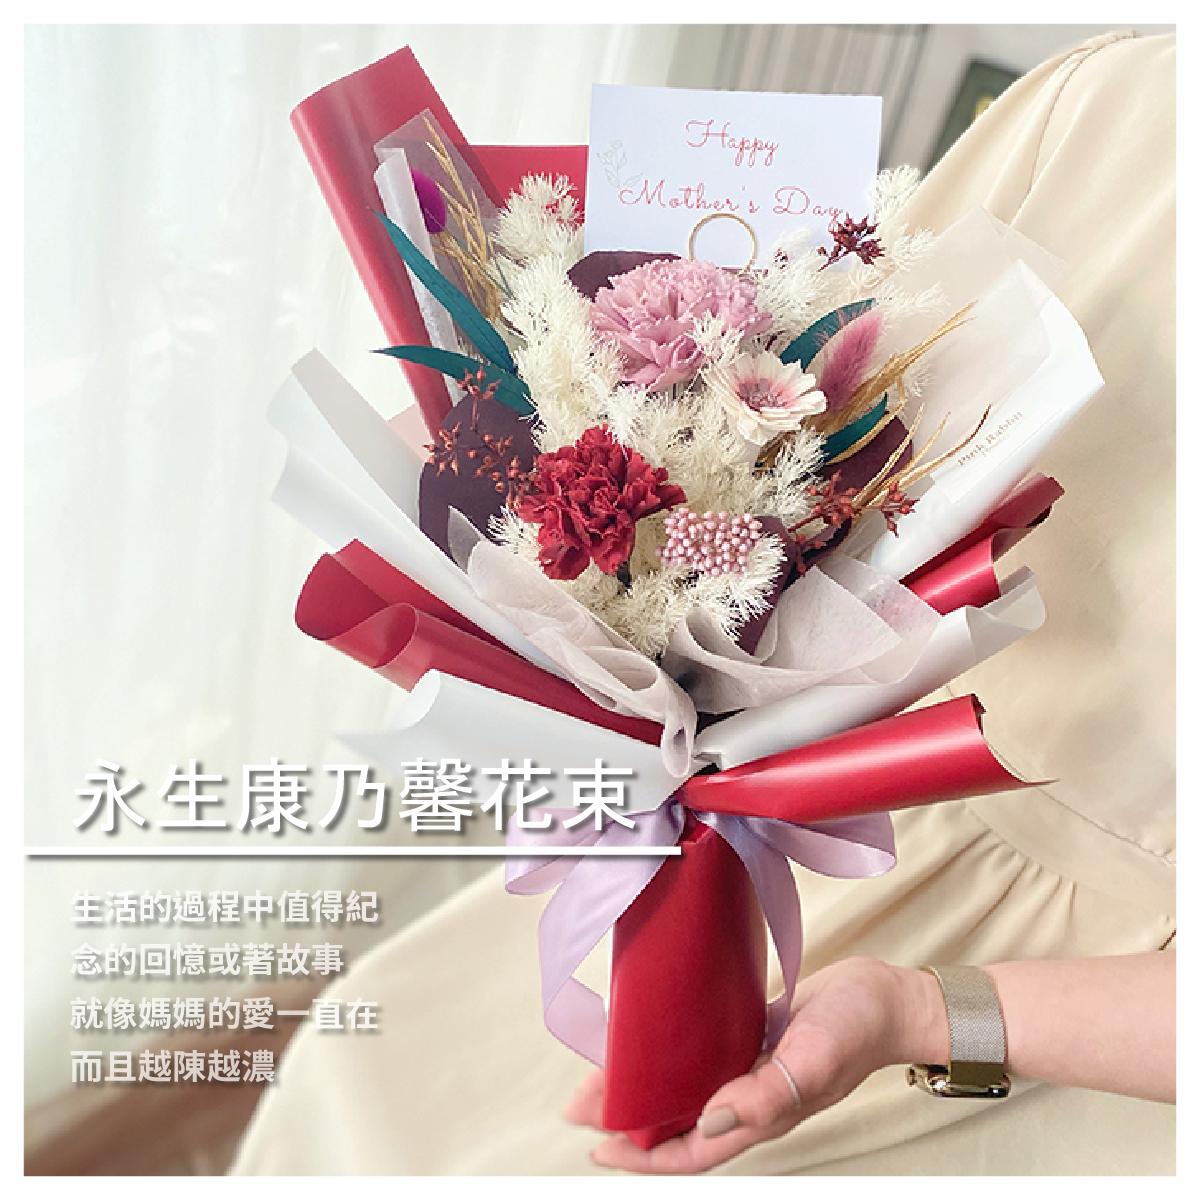 【Pink Rabbit Garden】『PRG永生花乾燥花』永生康乃馨花束